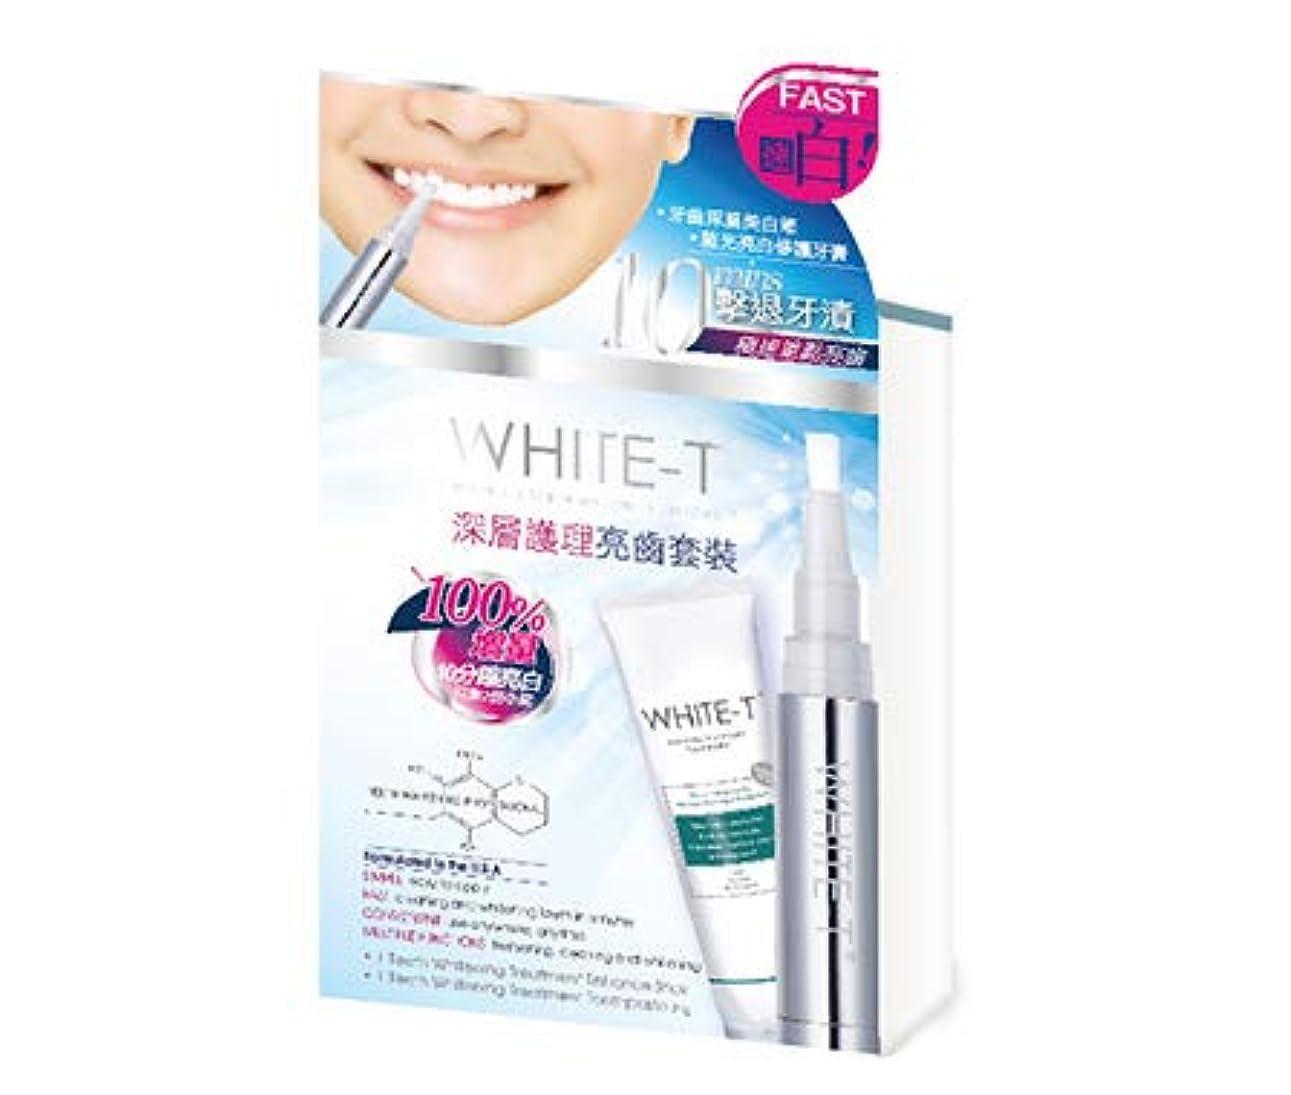 矢印後こどもの宮殿WHITE-T ホワイトニング ペンタイプ(4ml) +ホワイトニング歯磨き粉(30g) 並行輸入品